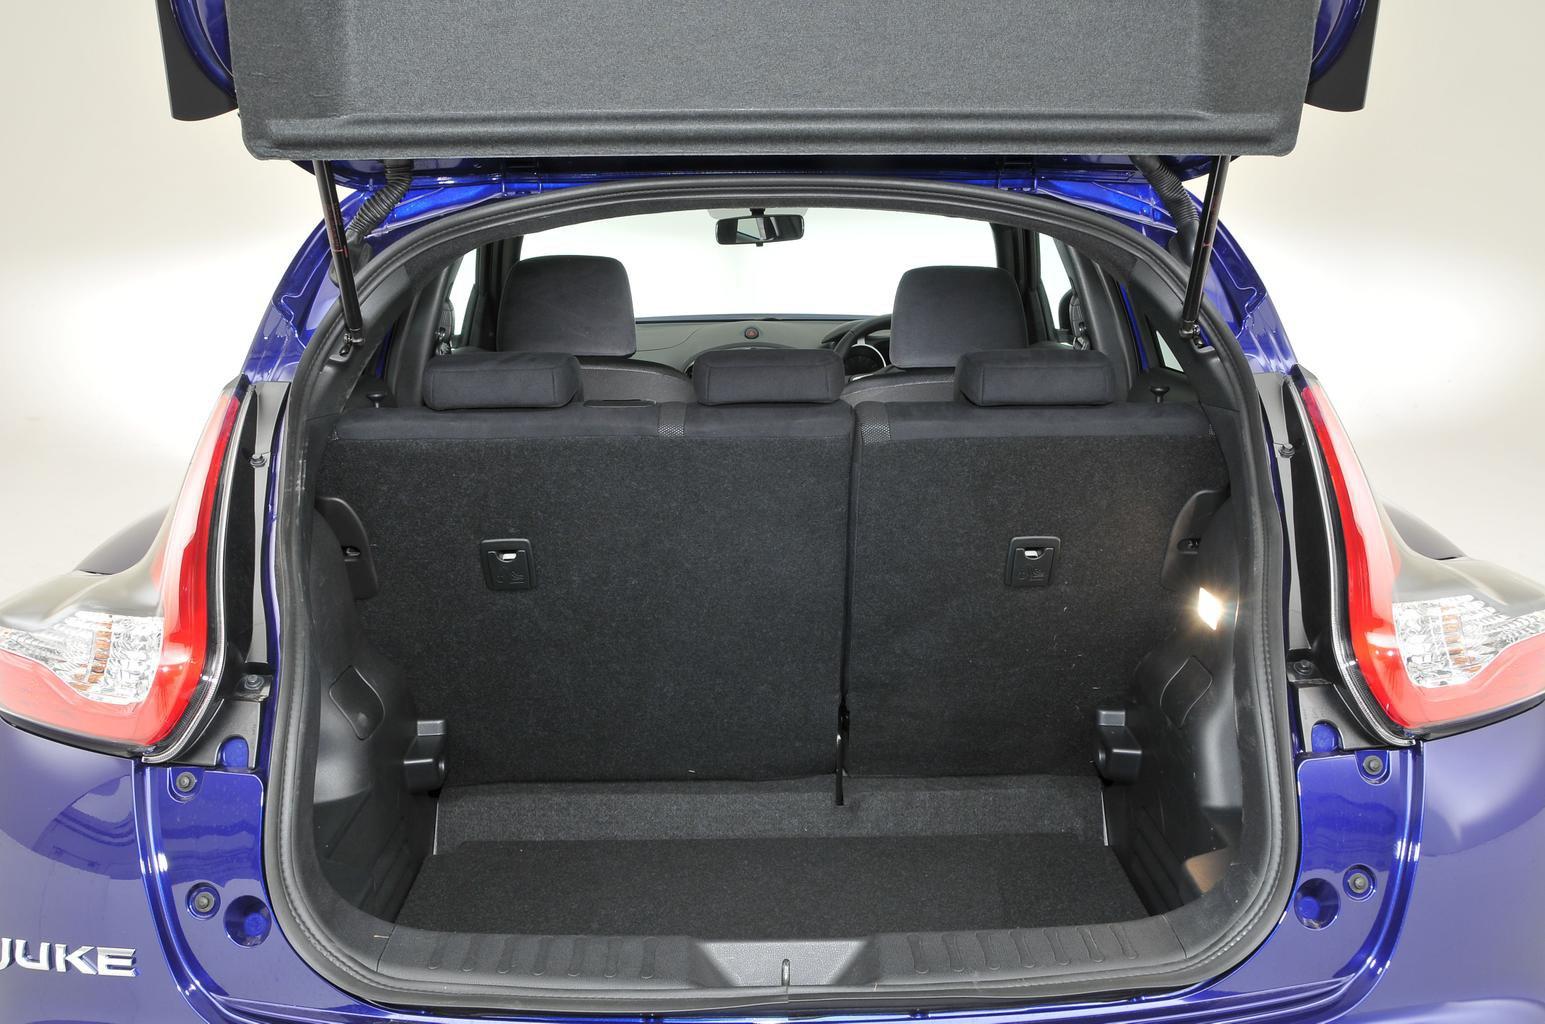 Nissan Juke Hatchback (10 - present)